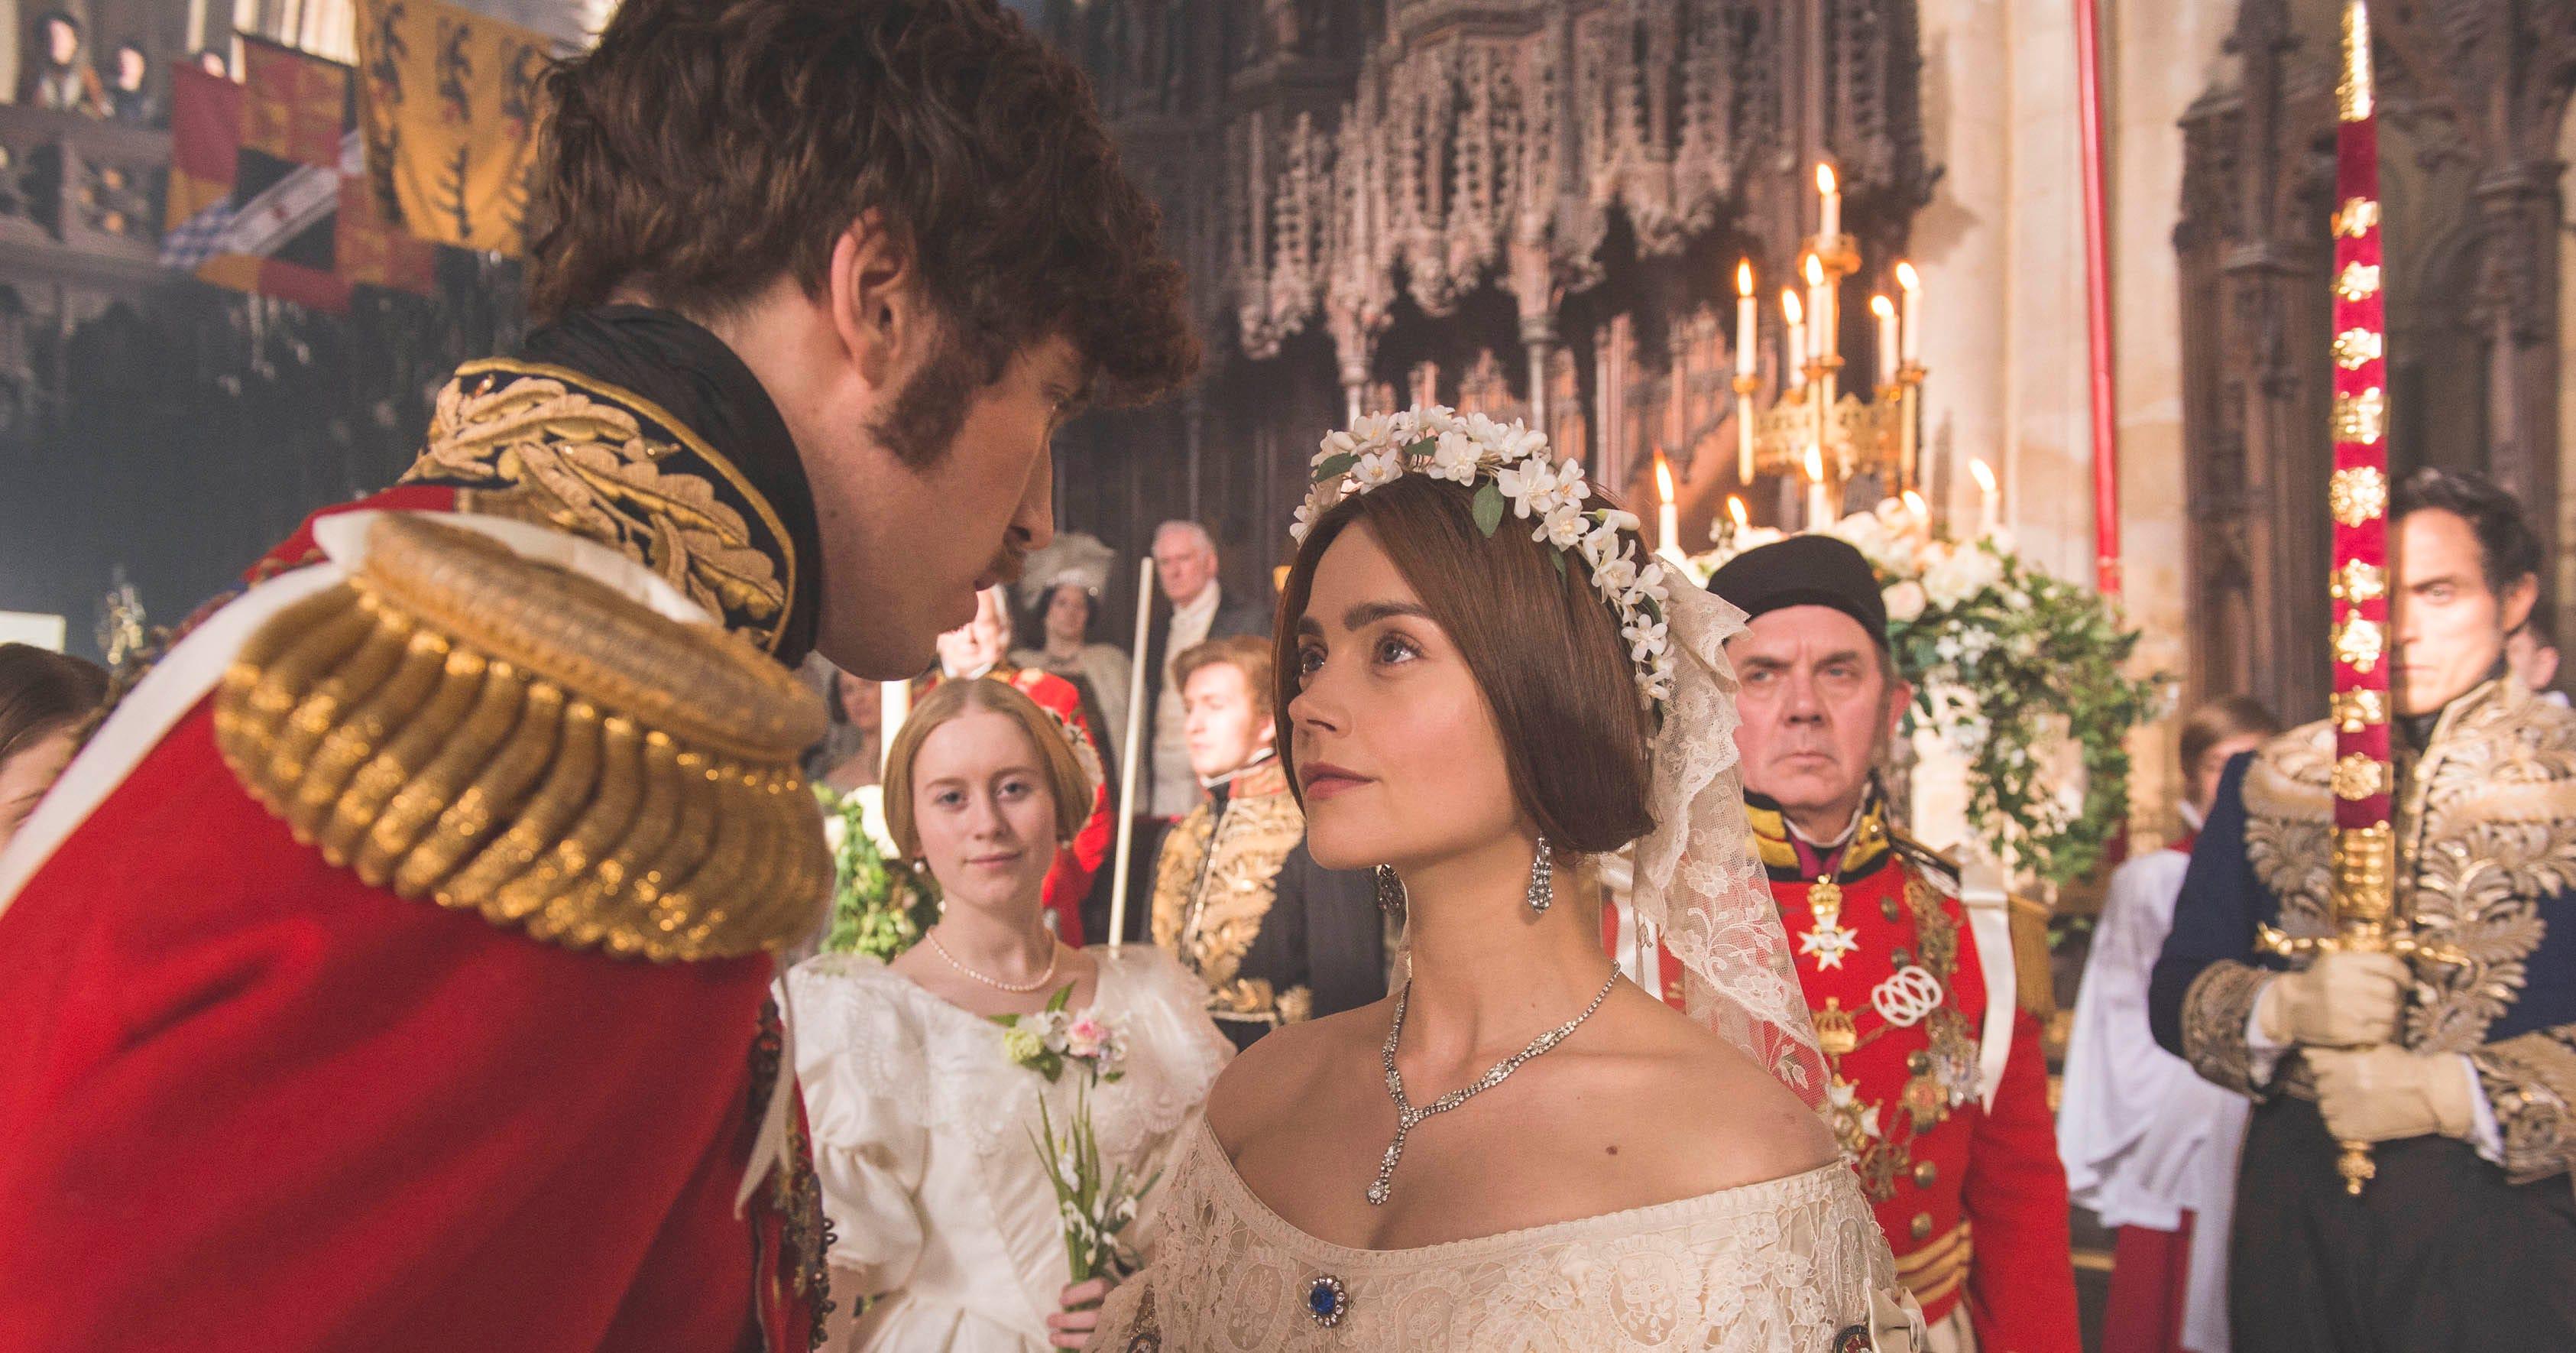 Victoria Season 1 Episode 4 Recap: Nice Day For A White Wedding